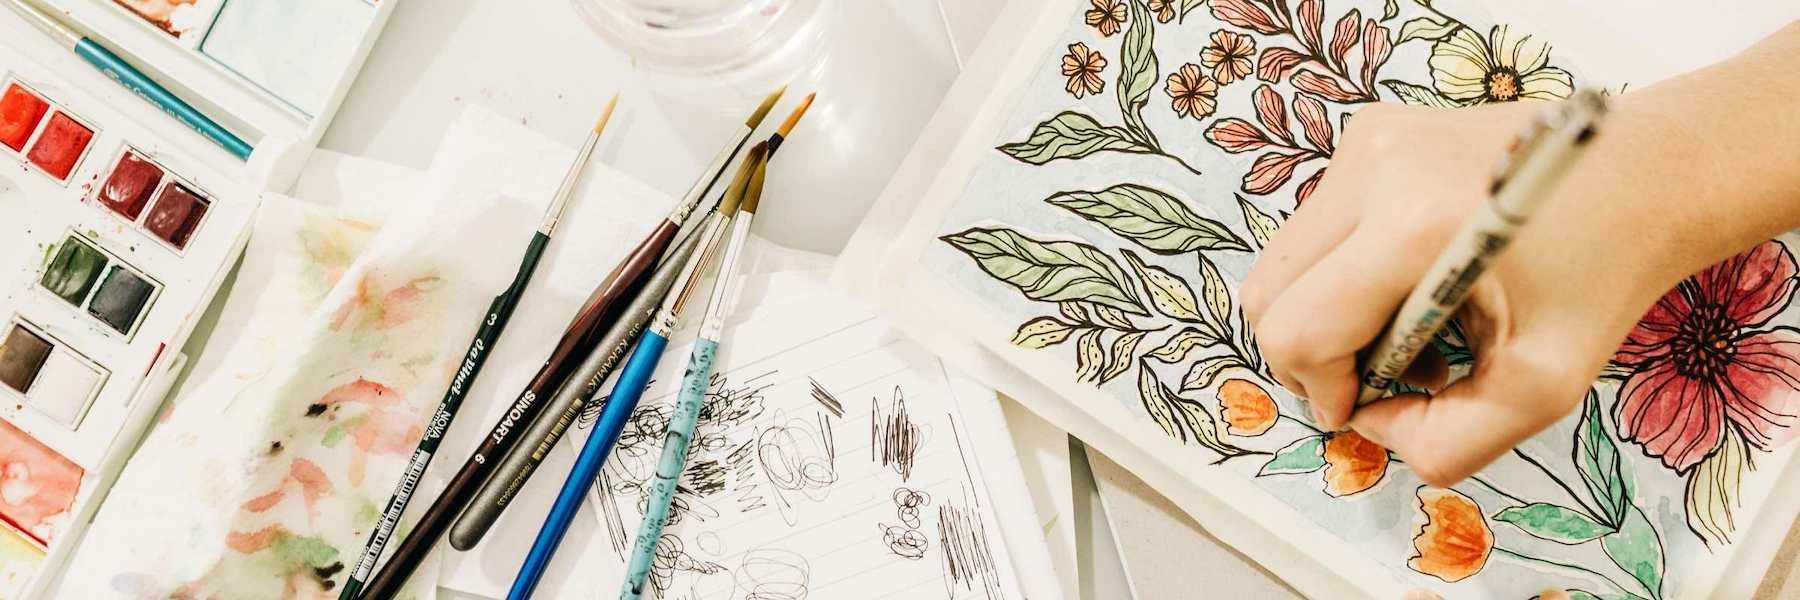 Female artist illustrator at work